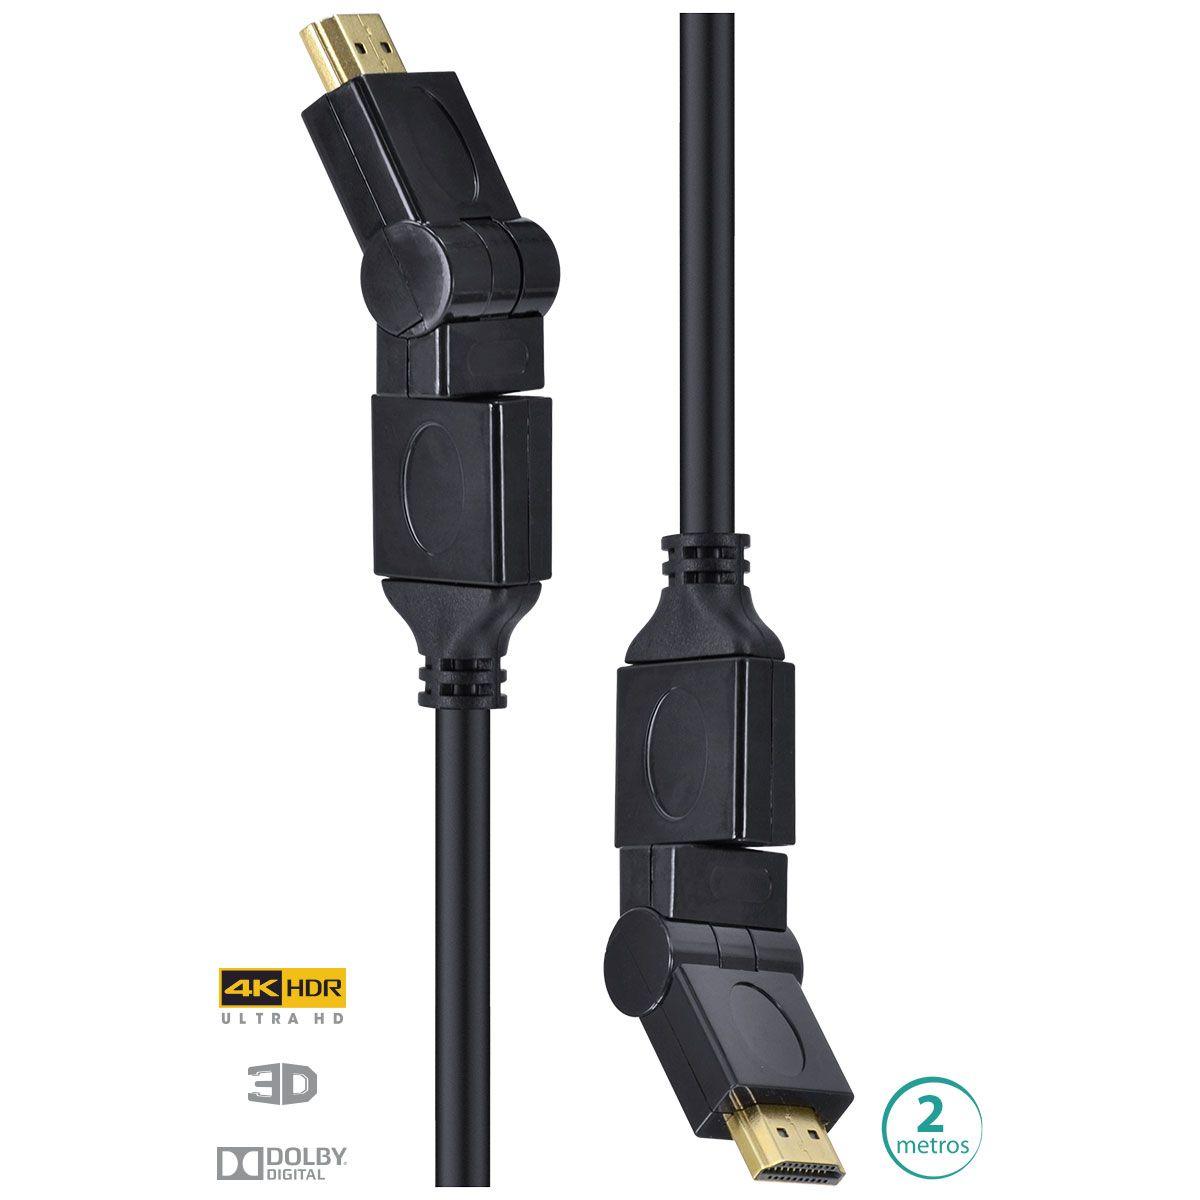 Cabo HDMI 2.0 4K Ultra HD 3D Conexão Ethernet Conectores 360° 2 Metros H20B360-2 29254 - Vinik